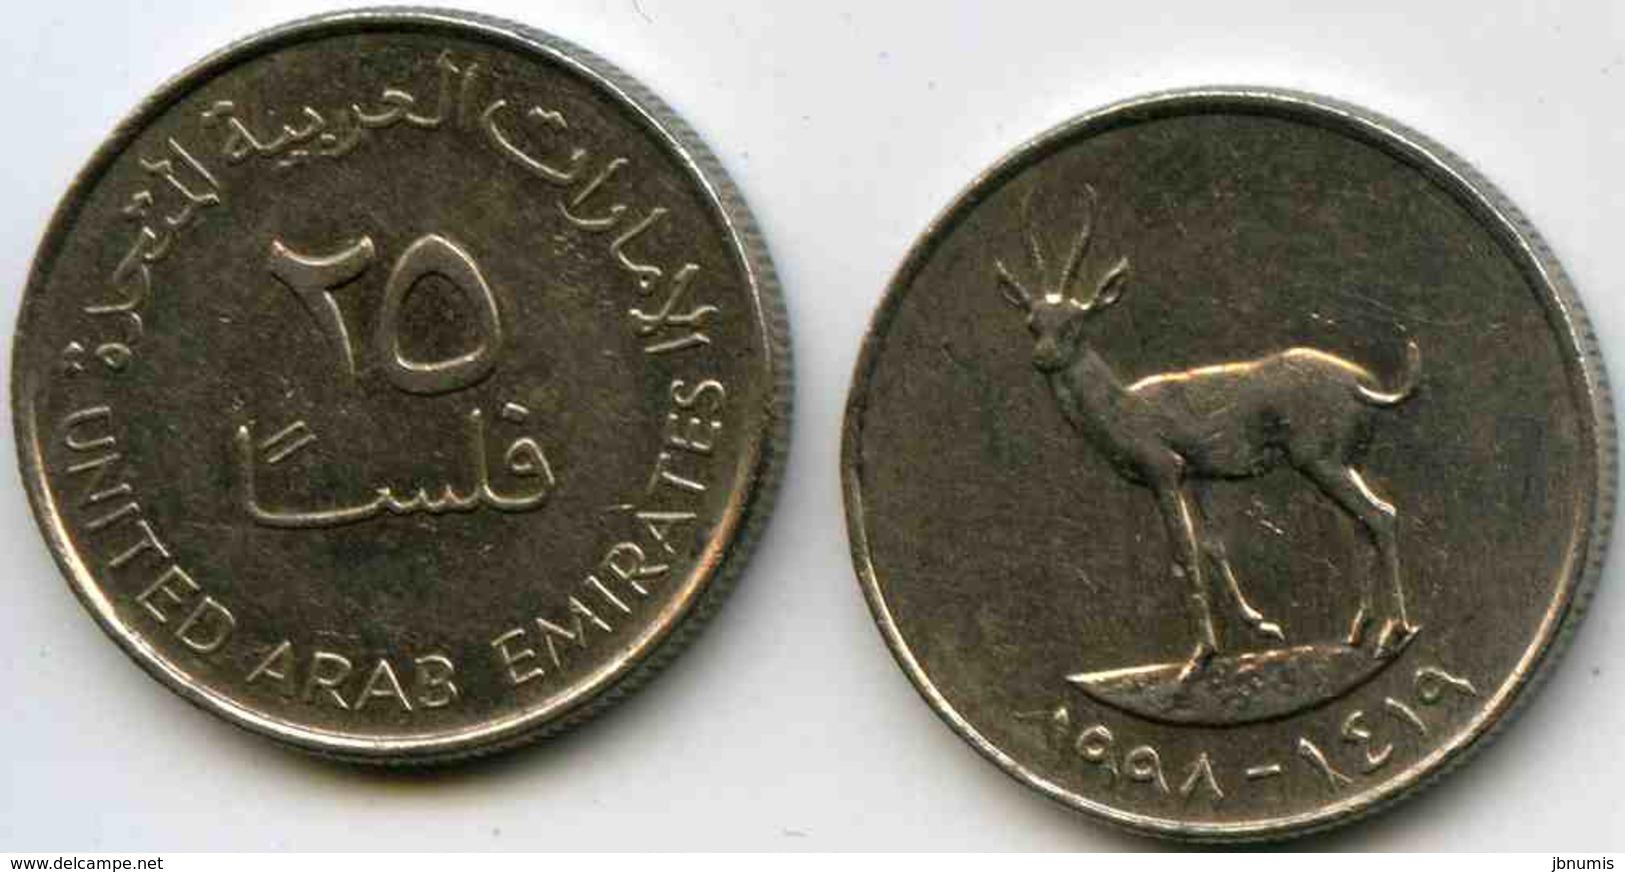 Emirats Arabes Unis United Arab Emirates 25 Fils 1419 - 1998 KM 4 - Emirats Arabes Unis